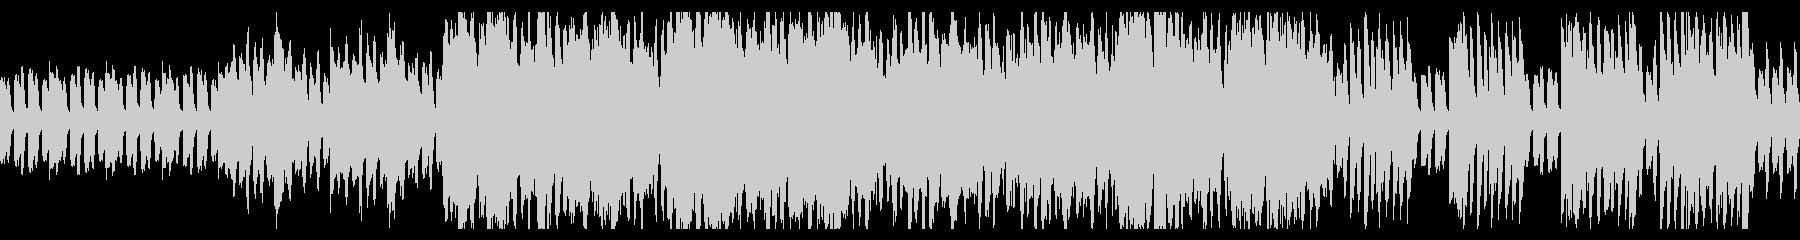 民族的な、ピアノ+ストリングスのBGMの未再生の波形